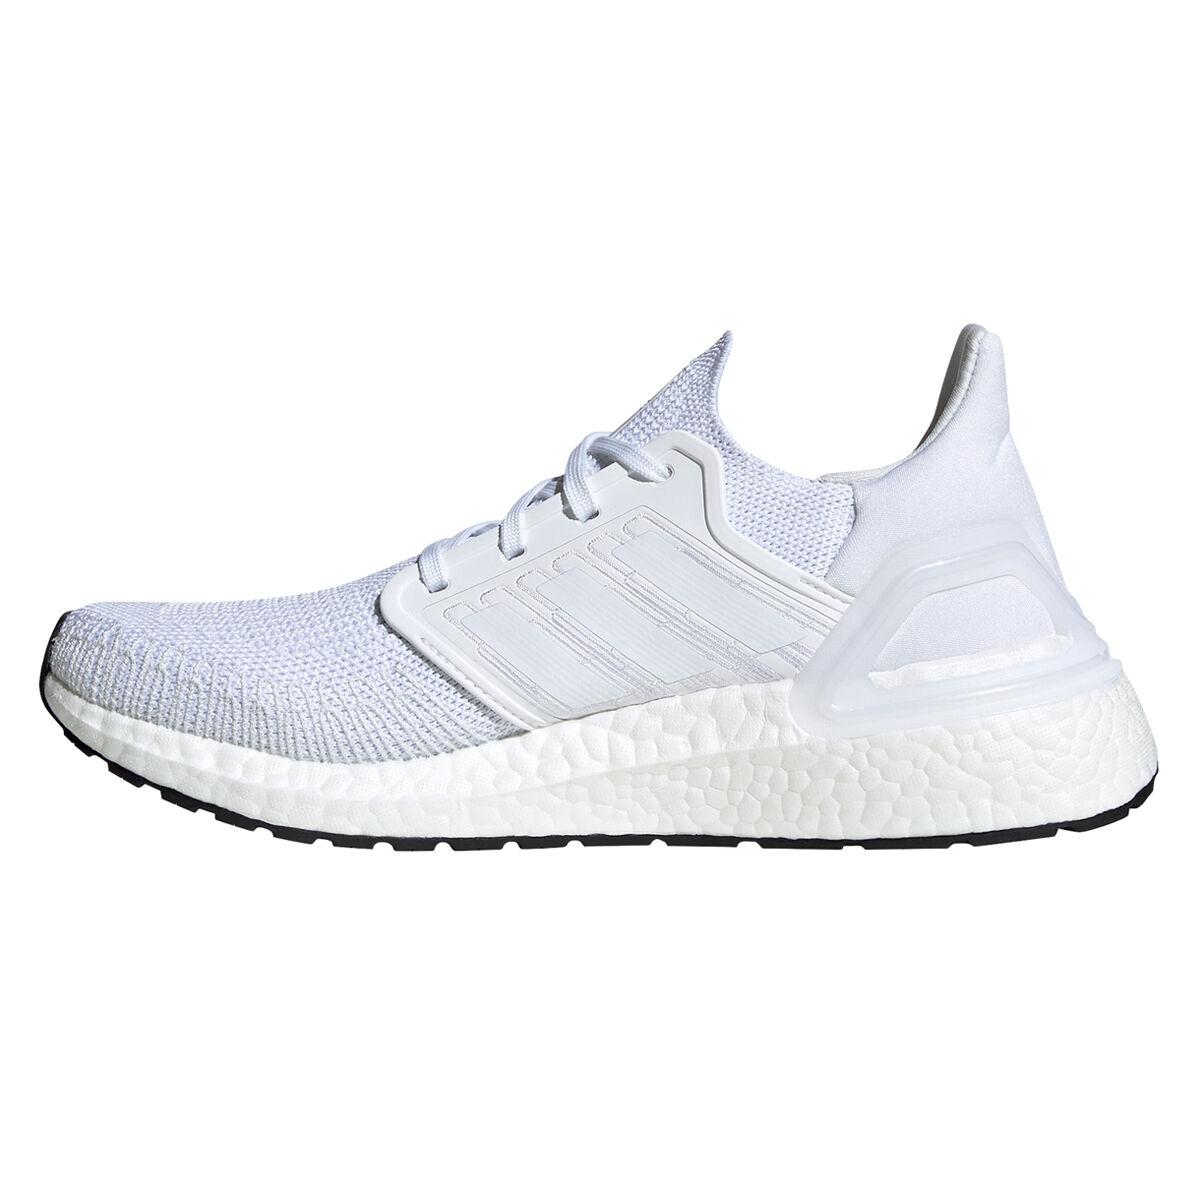 adidas Ultraboost 20 Womens Running